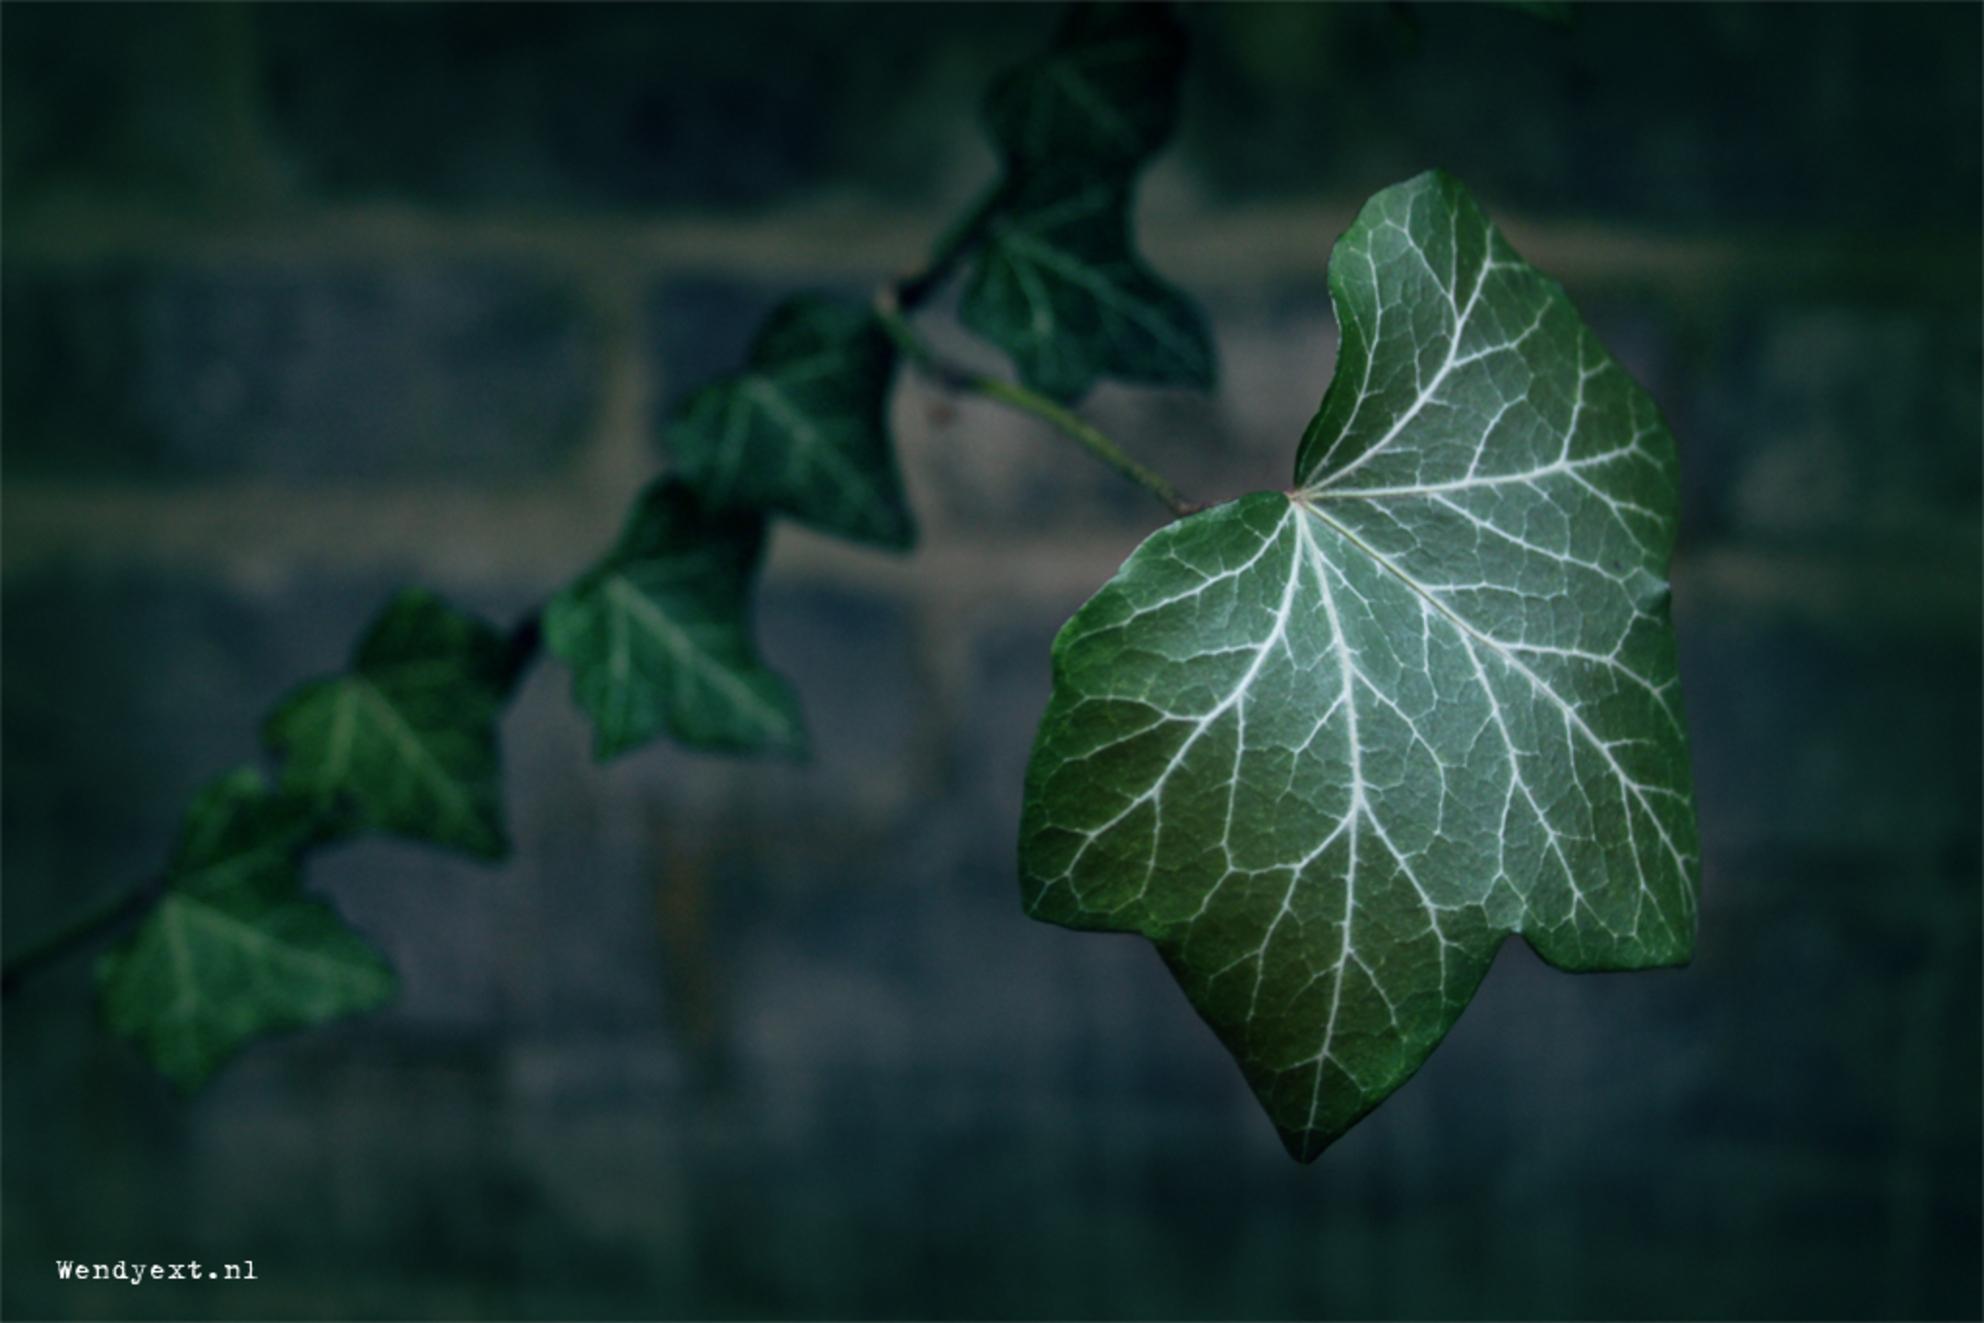 F@ntasy Leaf - Foto genomen in historische gedeelte Deventer. - foto door wendyext op 15-03-2011 - deze foto bevat: groen, plant, natuur, klimop, bewerking, deventer, fantasy, nerf - Deze foto mag gebruikt worden in een Zoom.nl publicatie